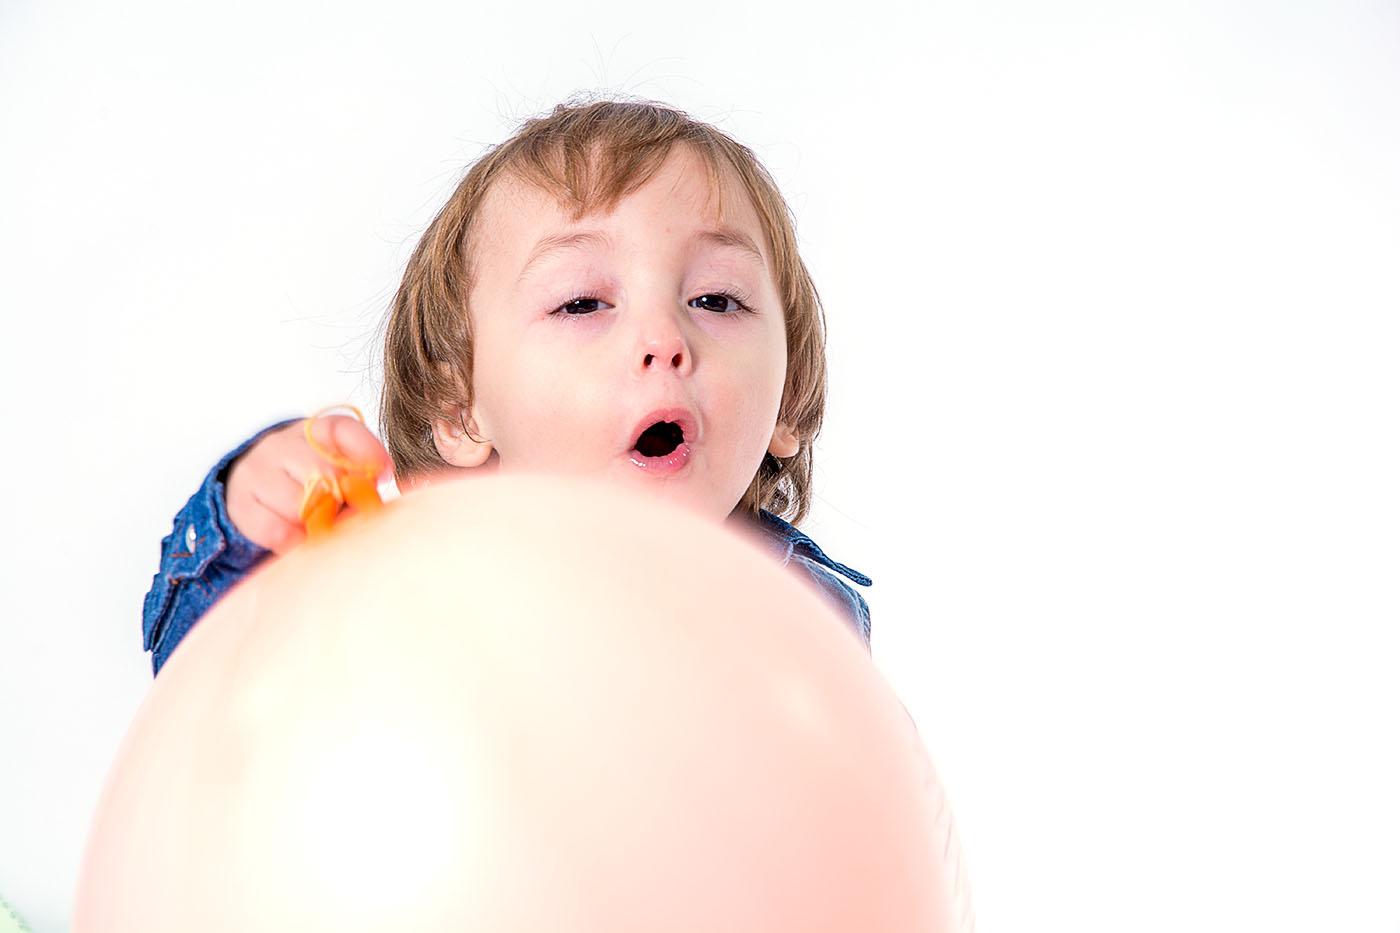 kidsfoto.es Un rato entretenido- fotografía infantil.-